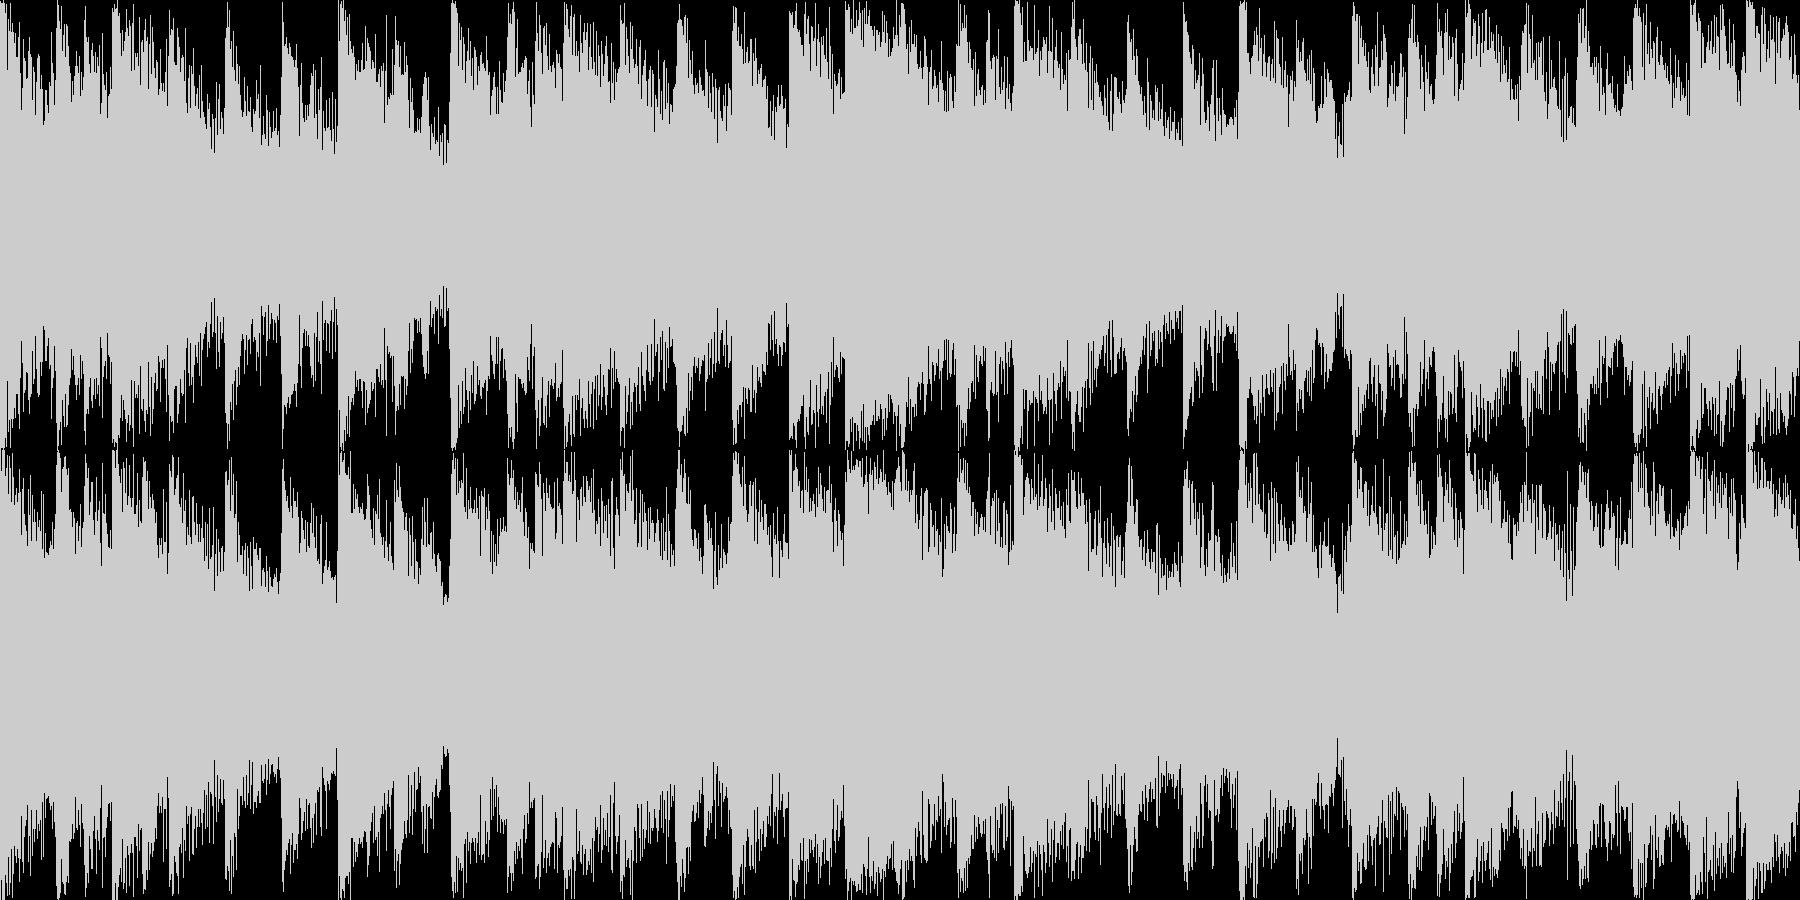 【ループB】ヘヴィーで攻撃的エレキギターの未再生の波形